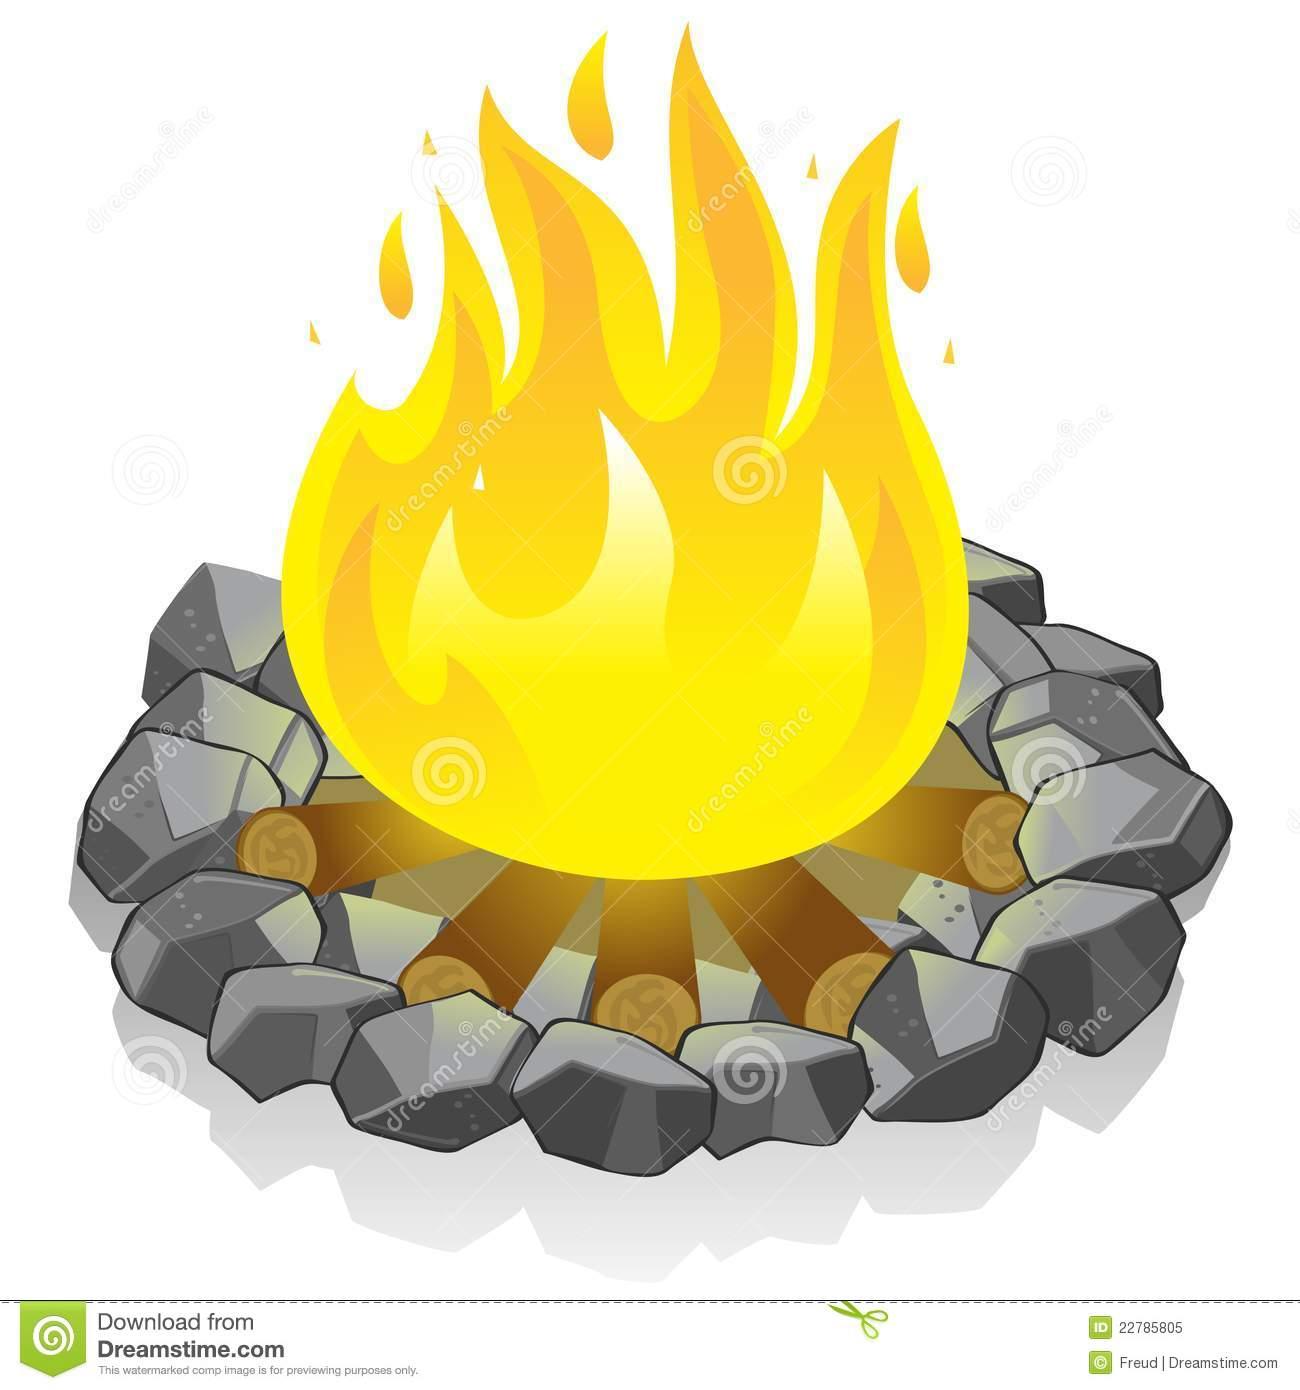 Campfire clipart beach bonfire Cps Clip Campfire Bonfire 3Kibu4